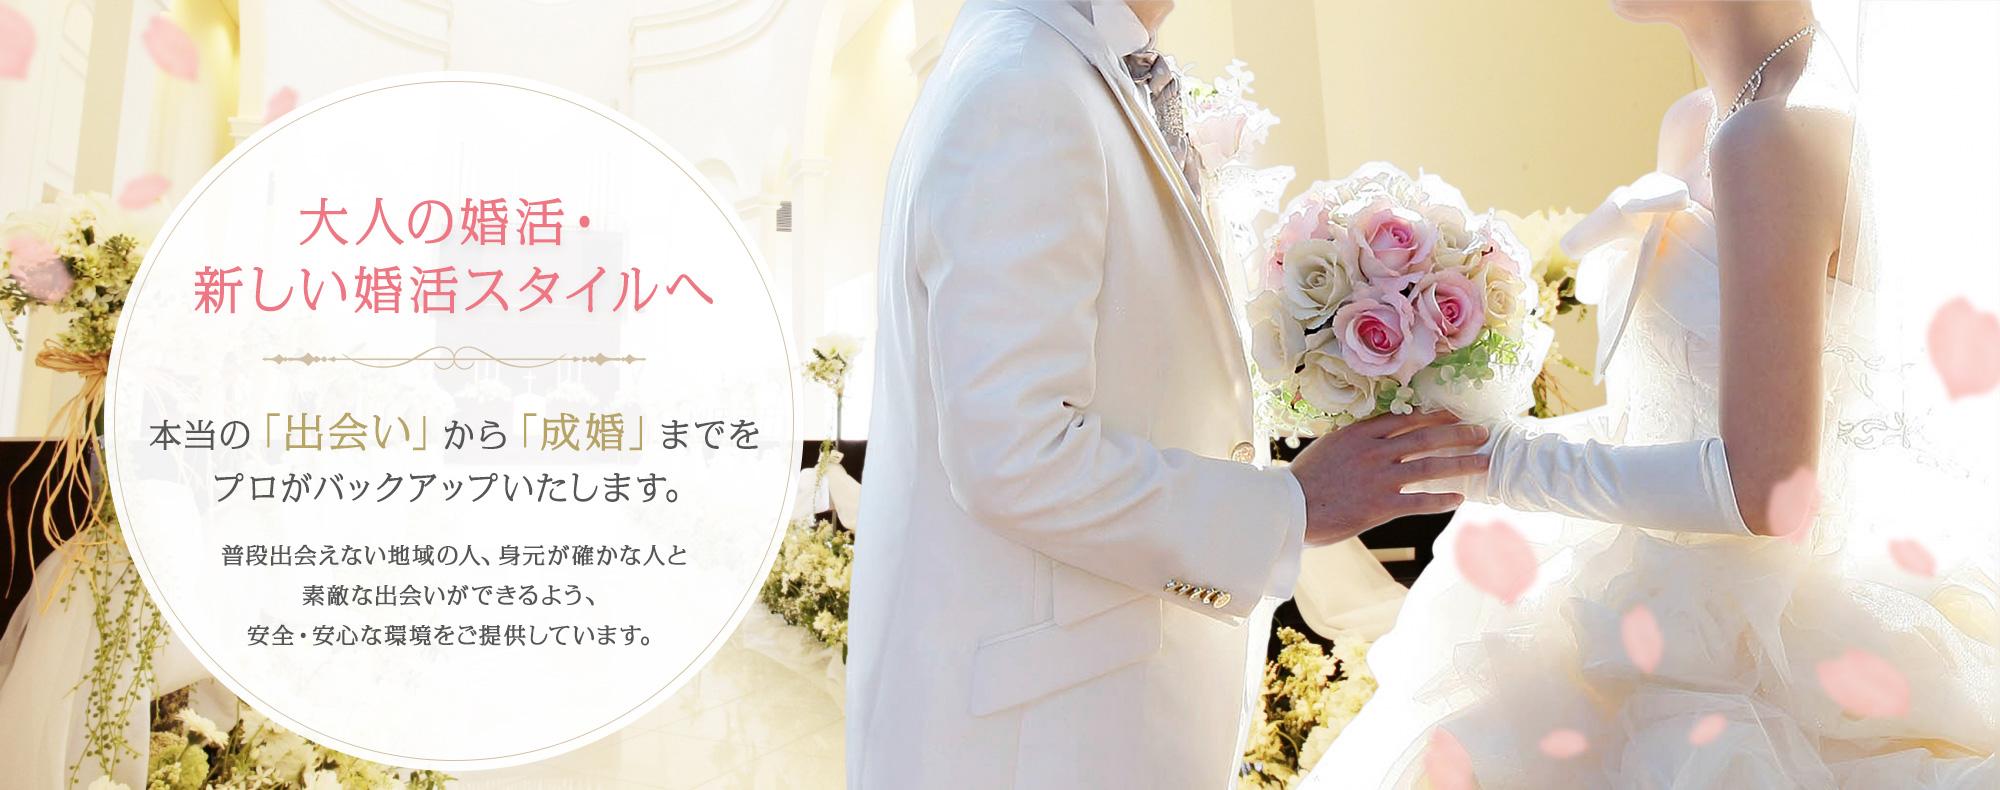 名古屋 結婚相談所